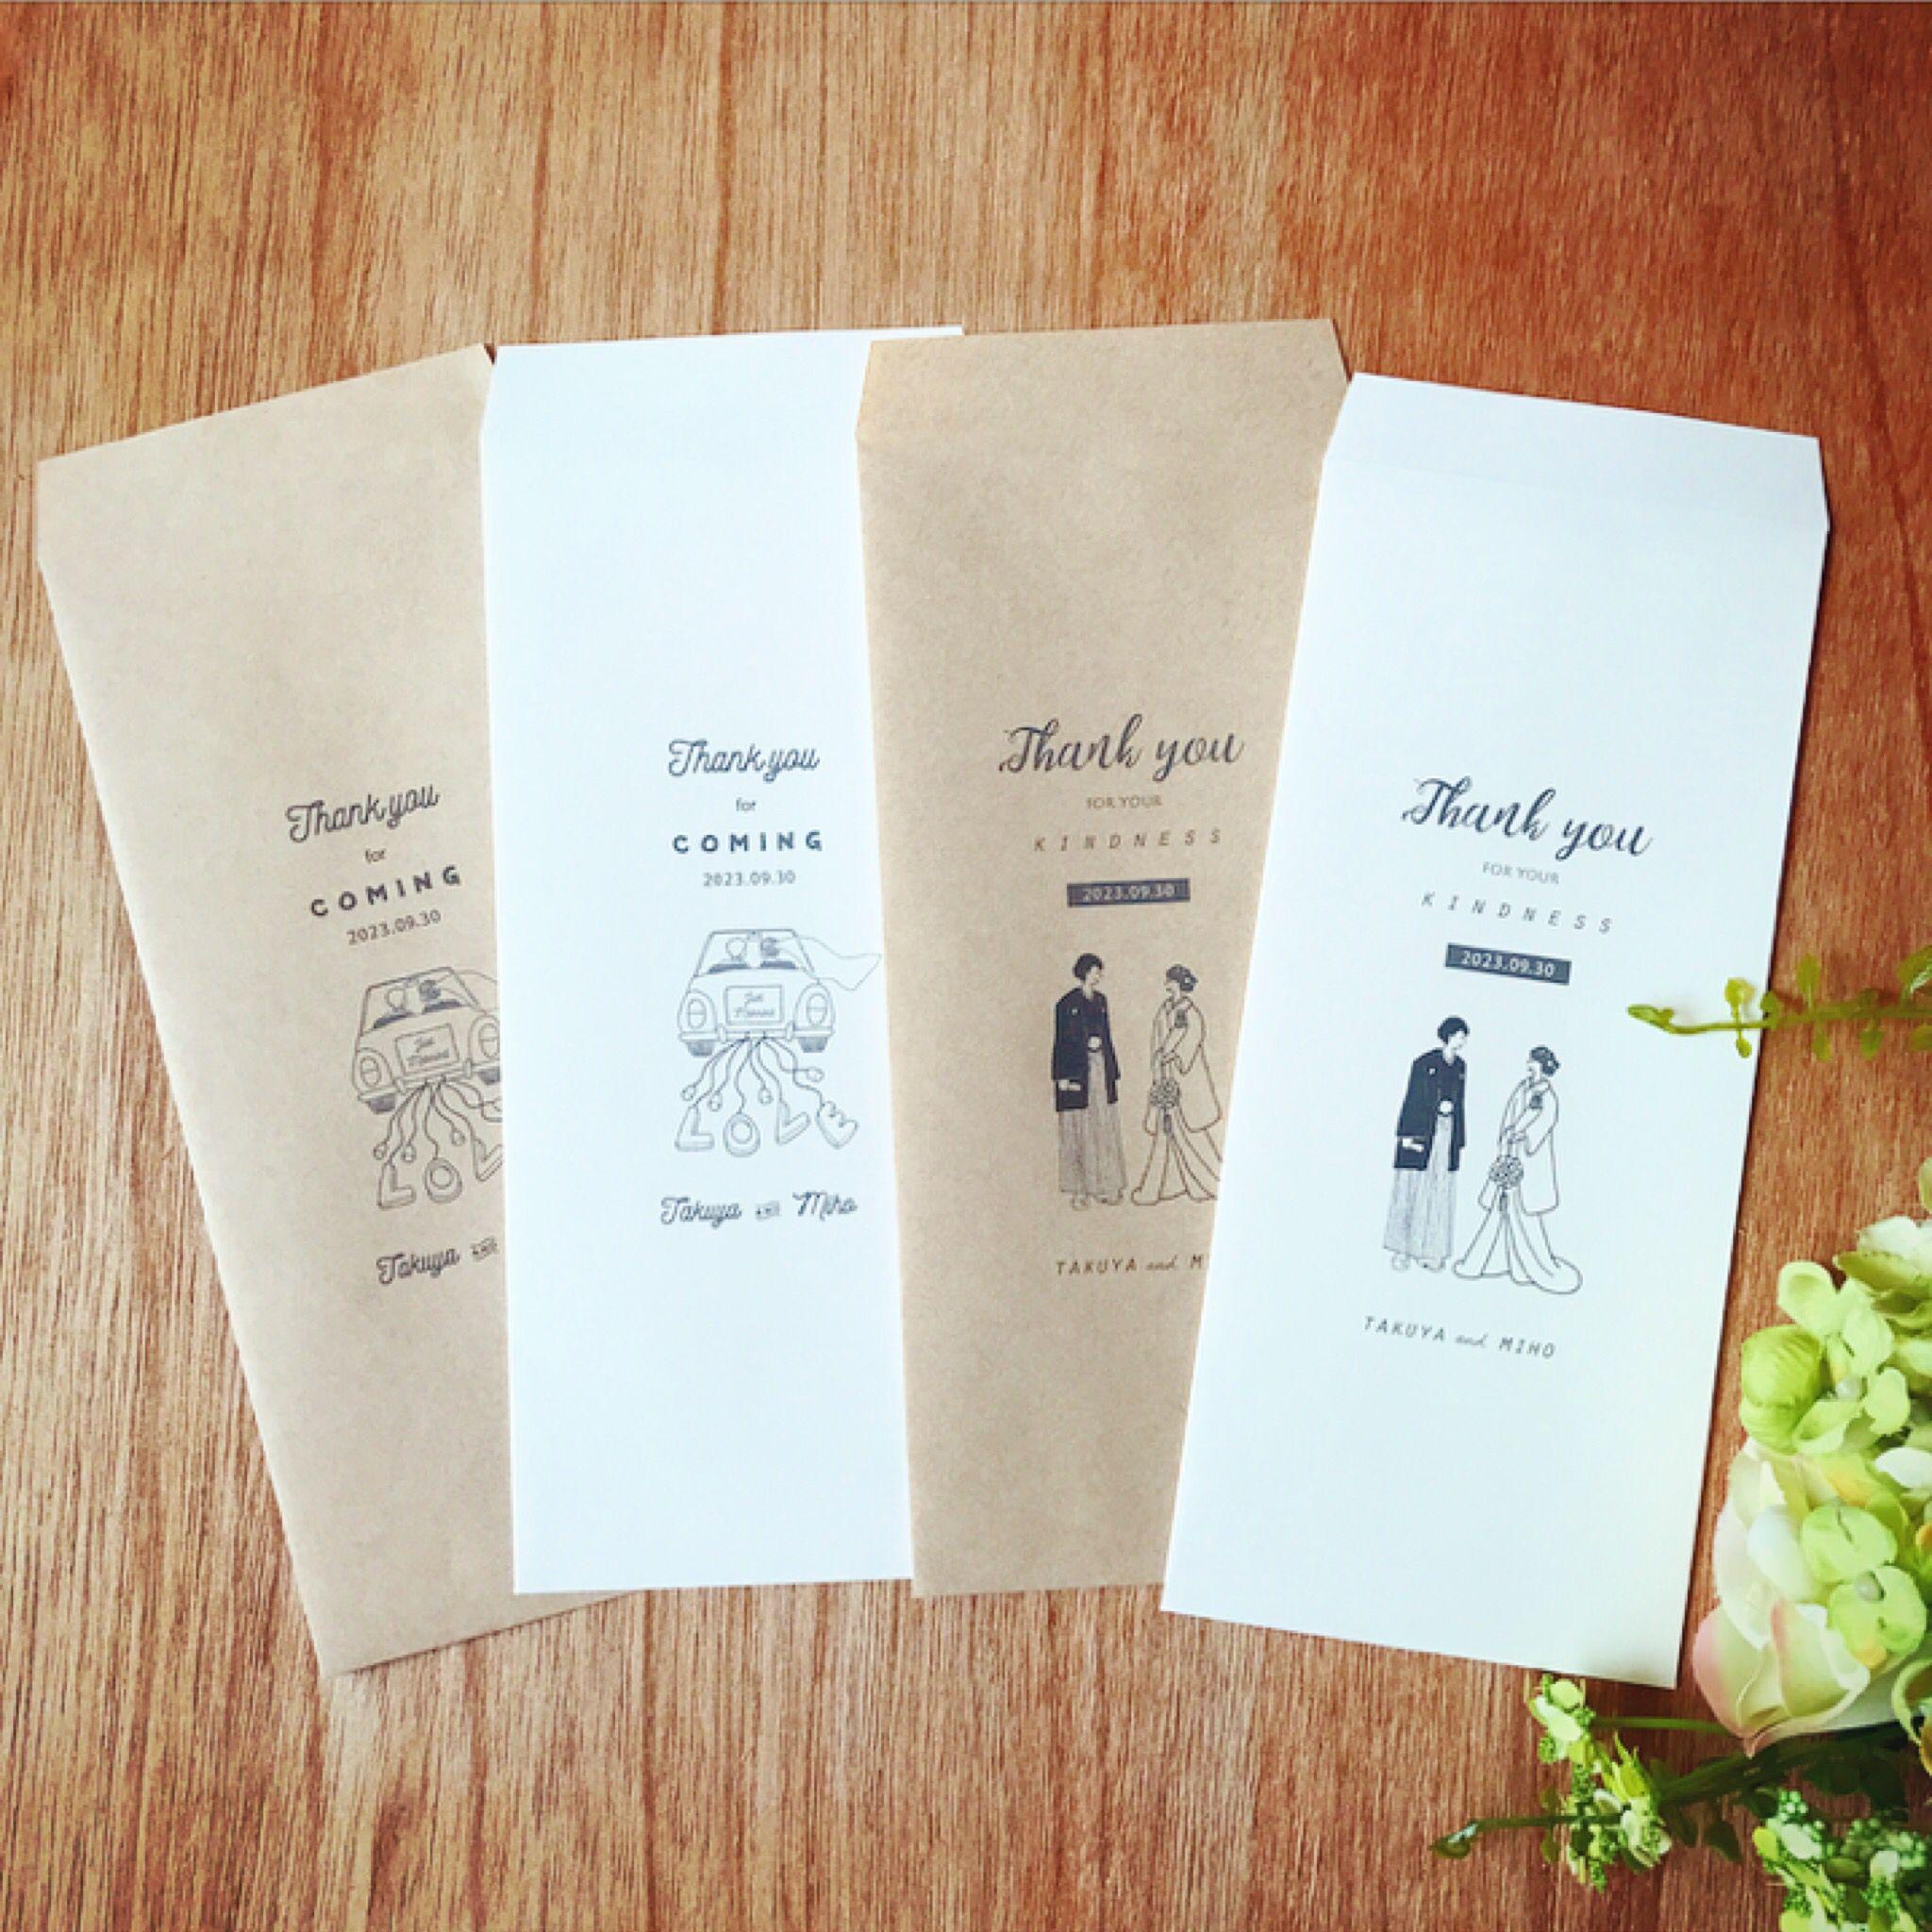 結婚式のお車代や御礼用に、イラスト入りの封筒はいかがですか